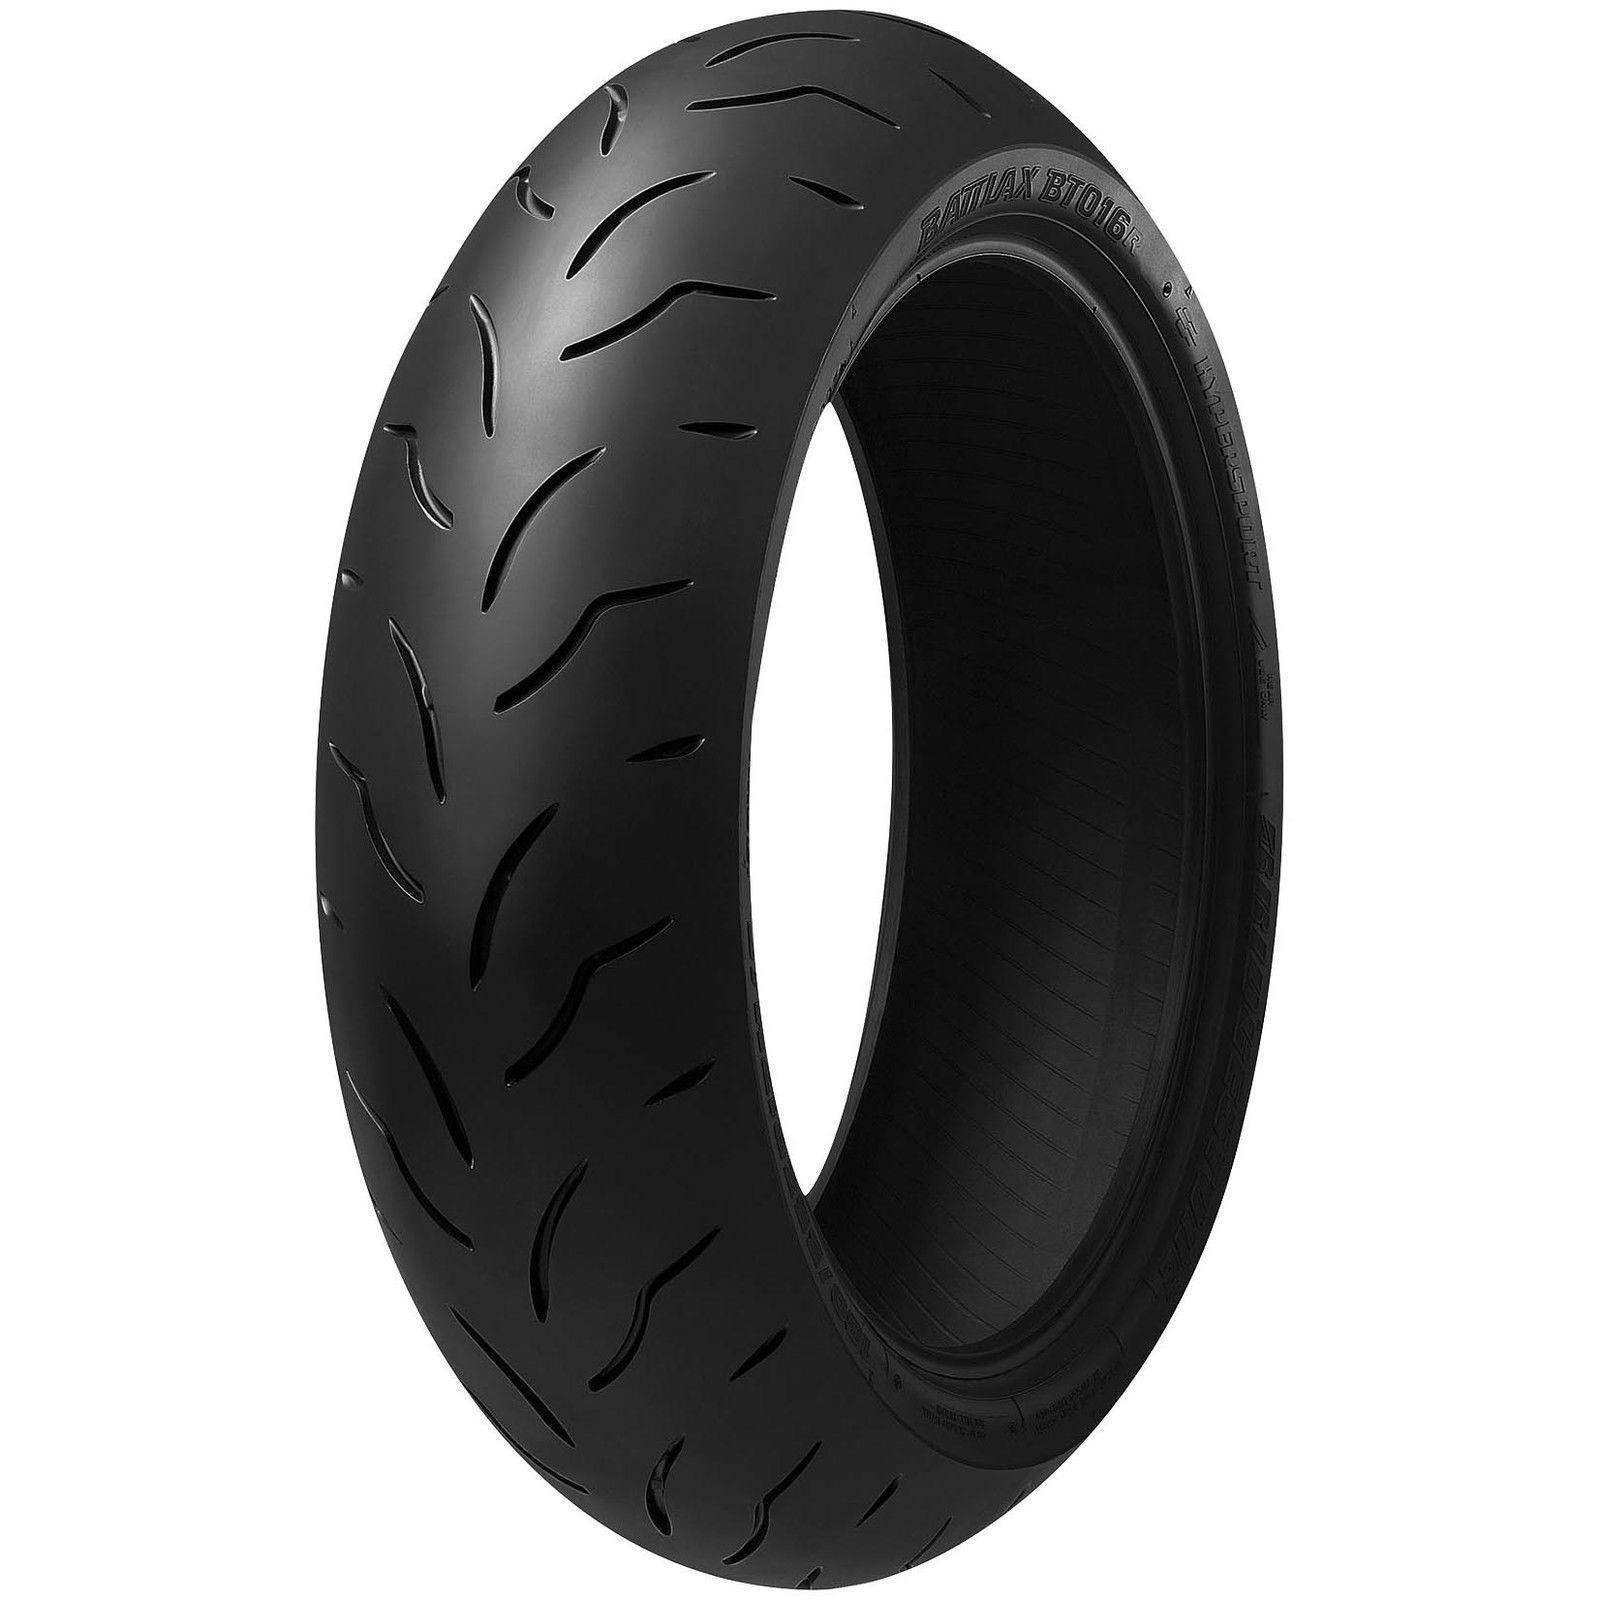 003061 180/55R-17 Battlax BT-016 (Rear) Bridgestone